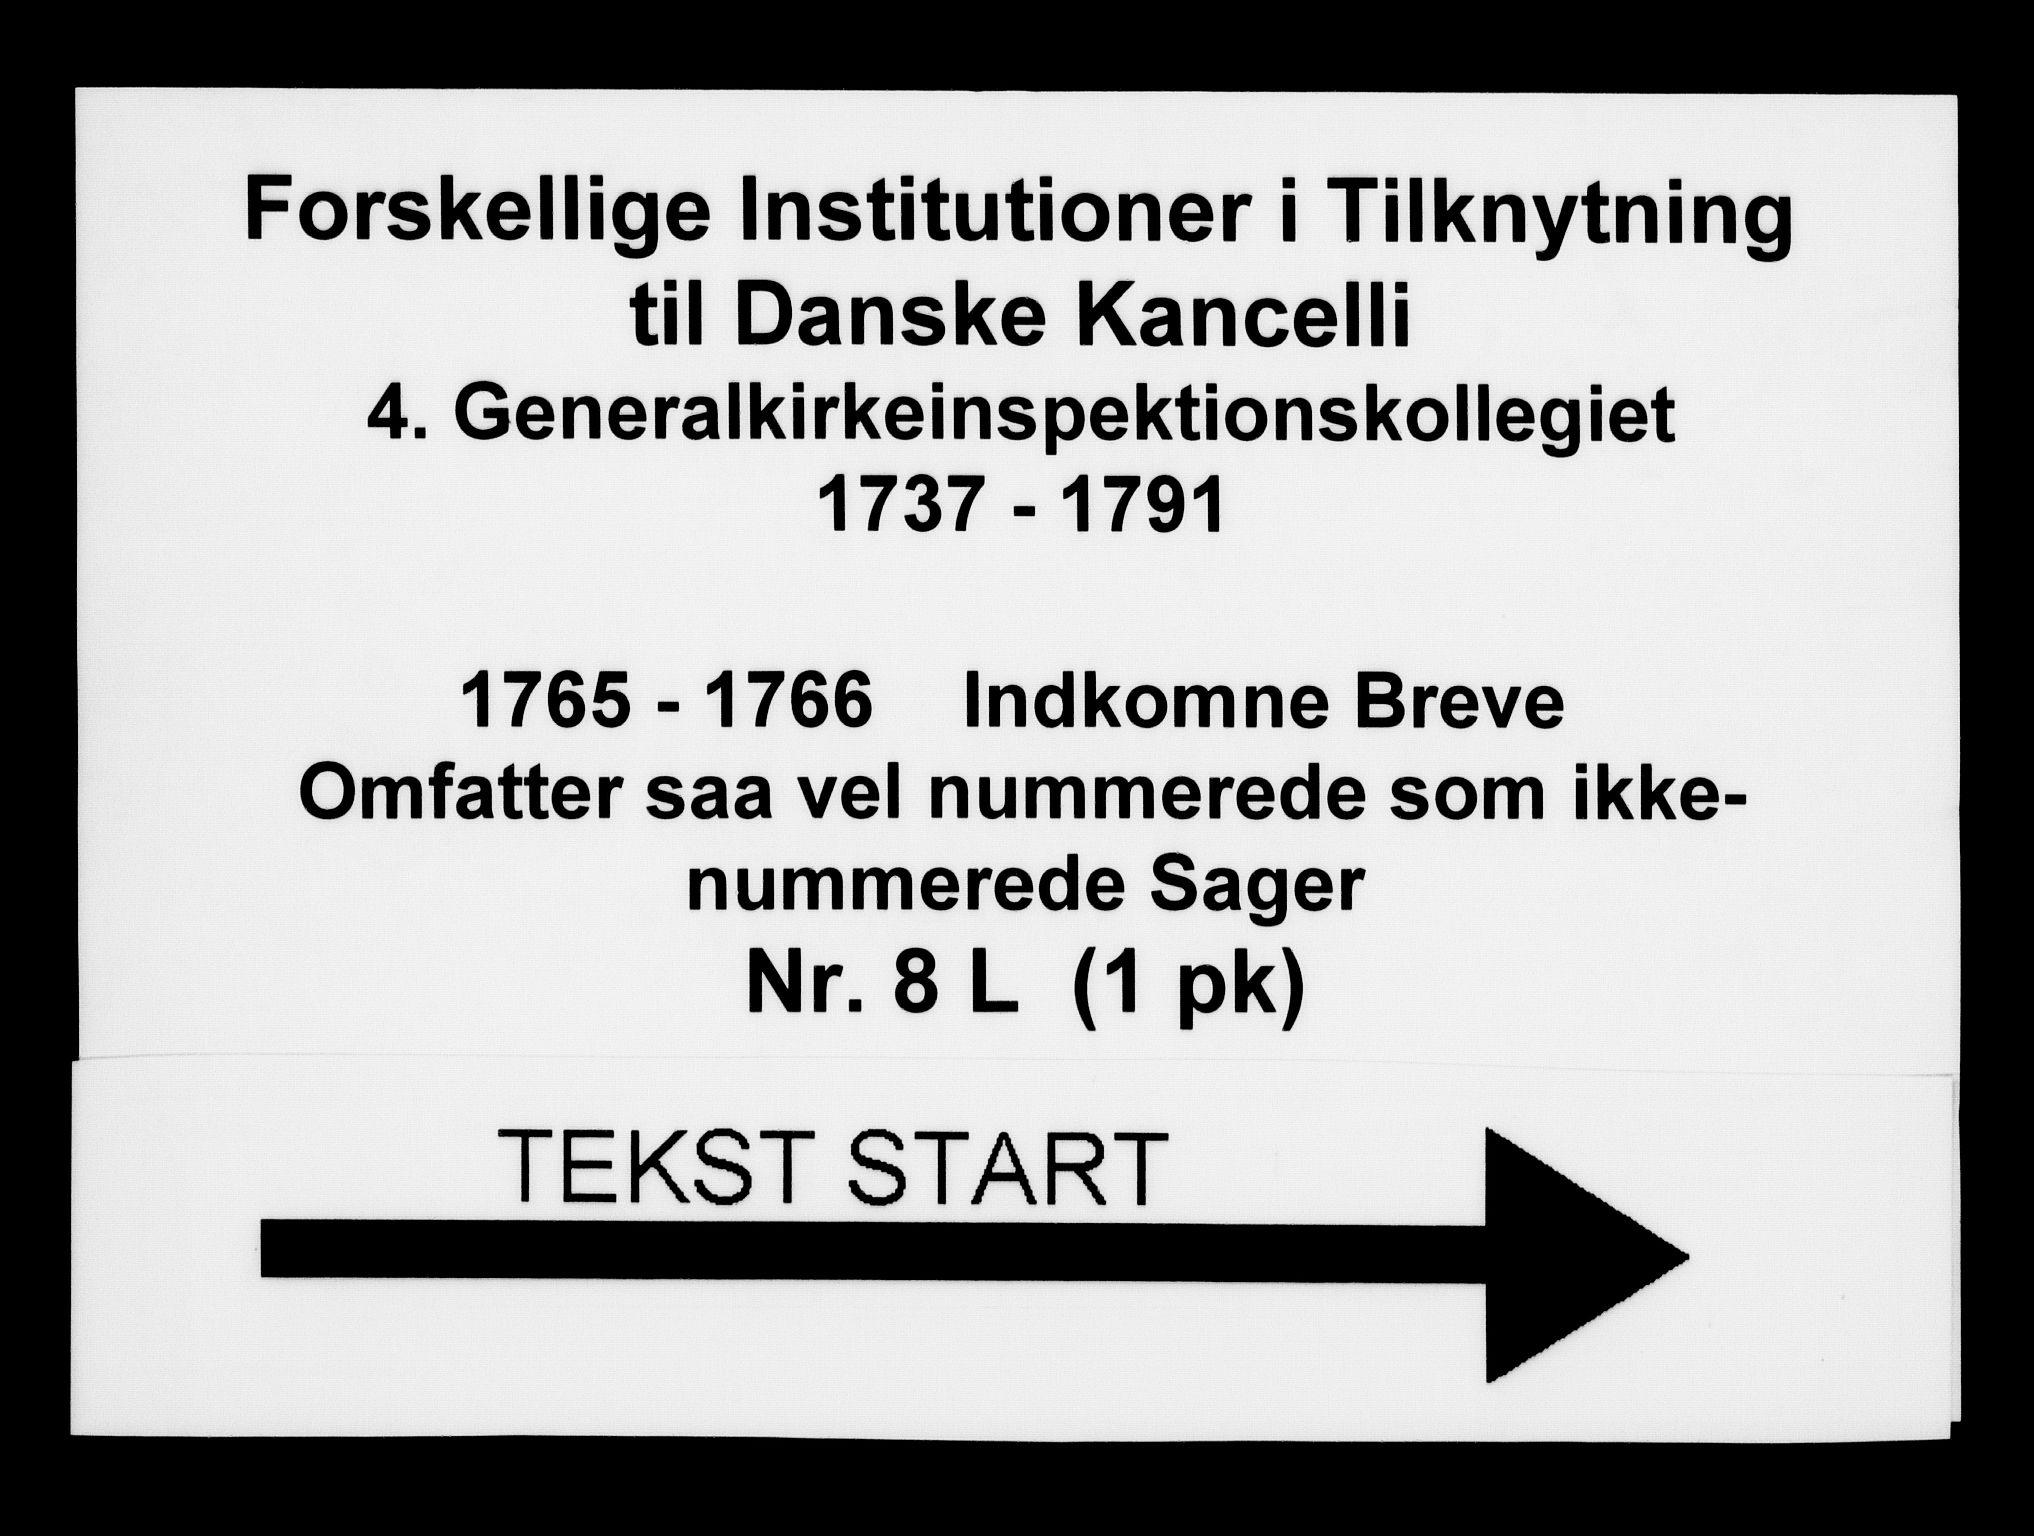 DRA, Generalkirkeinspektionskollegiet, F4-08/F4-08-12: Indkomne sager, 1765-1766